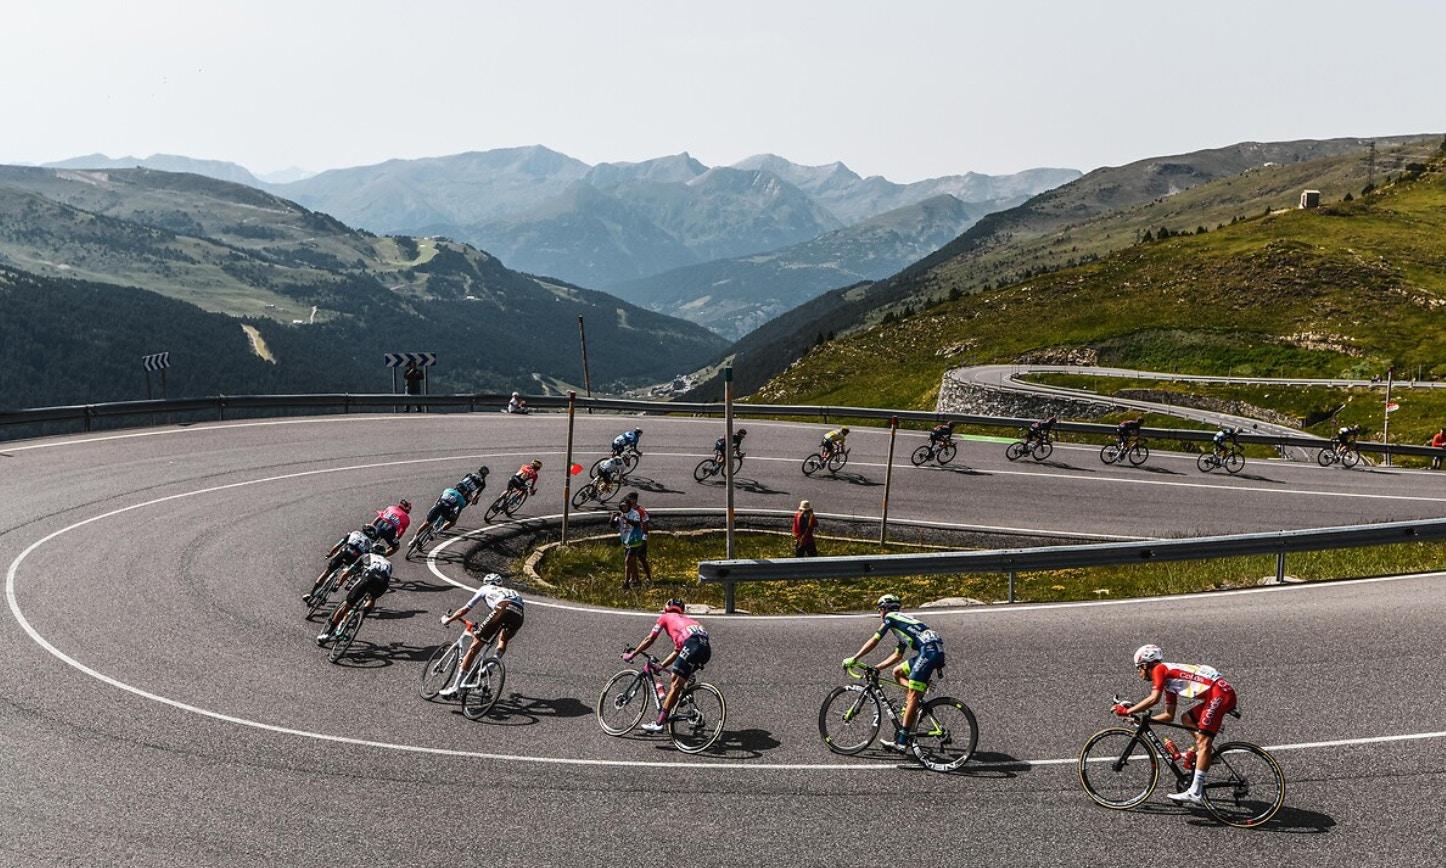 Tour de France 2021: Stage Fifteen Recap